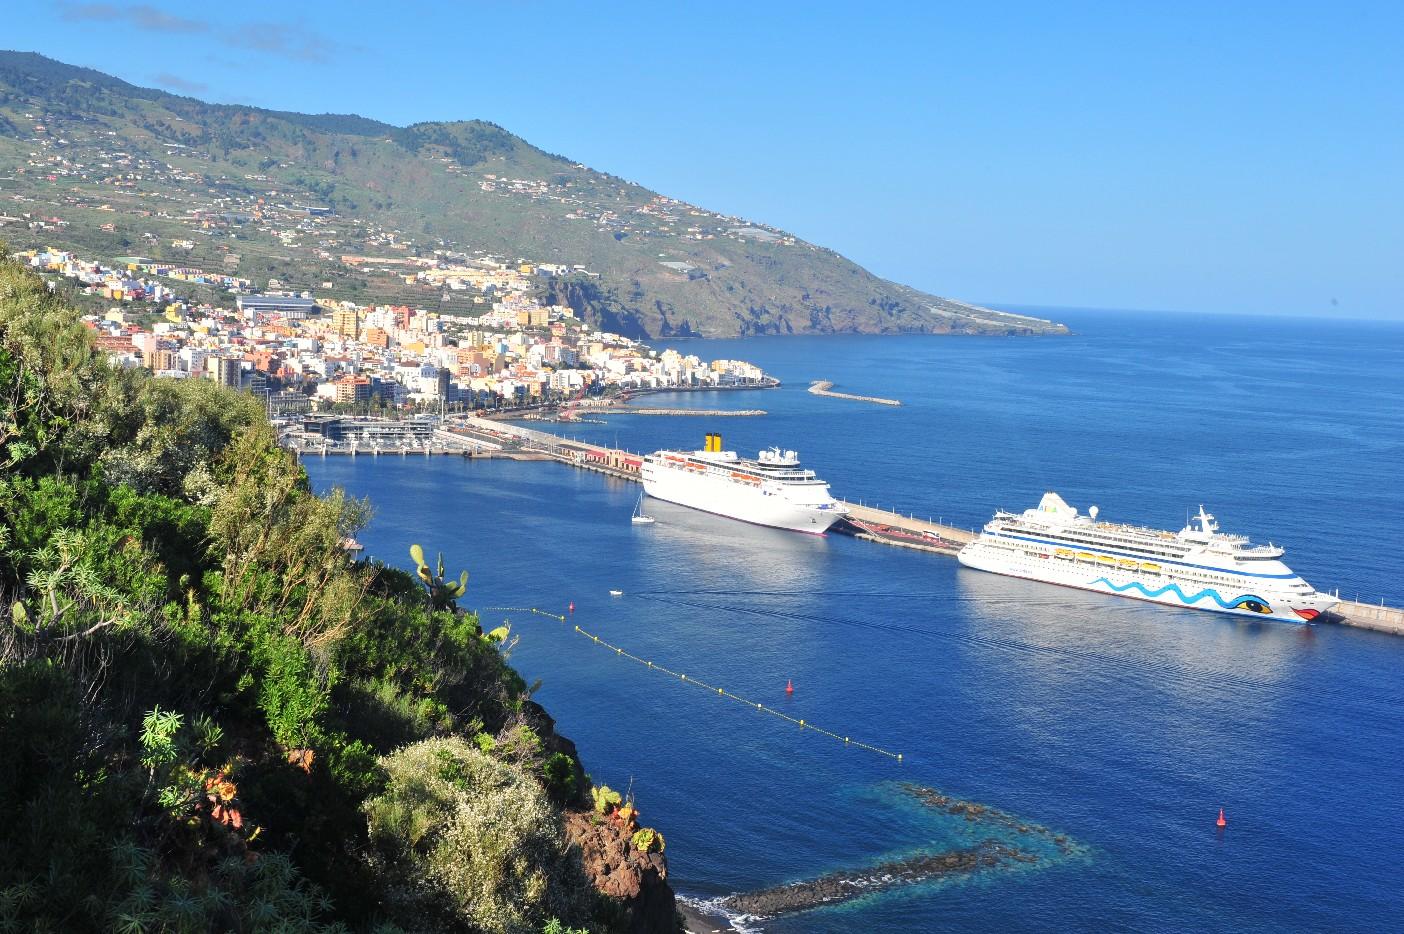 Taxi La Palma, cruise. Santa cruz de la palma, canarias